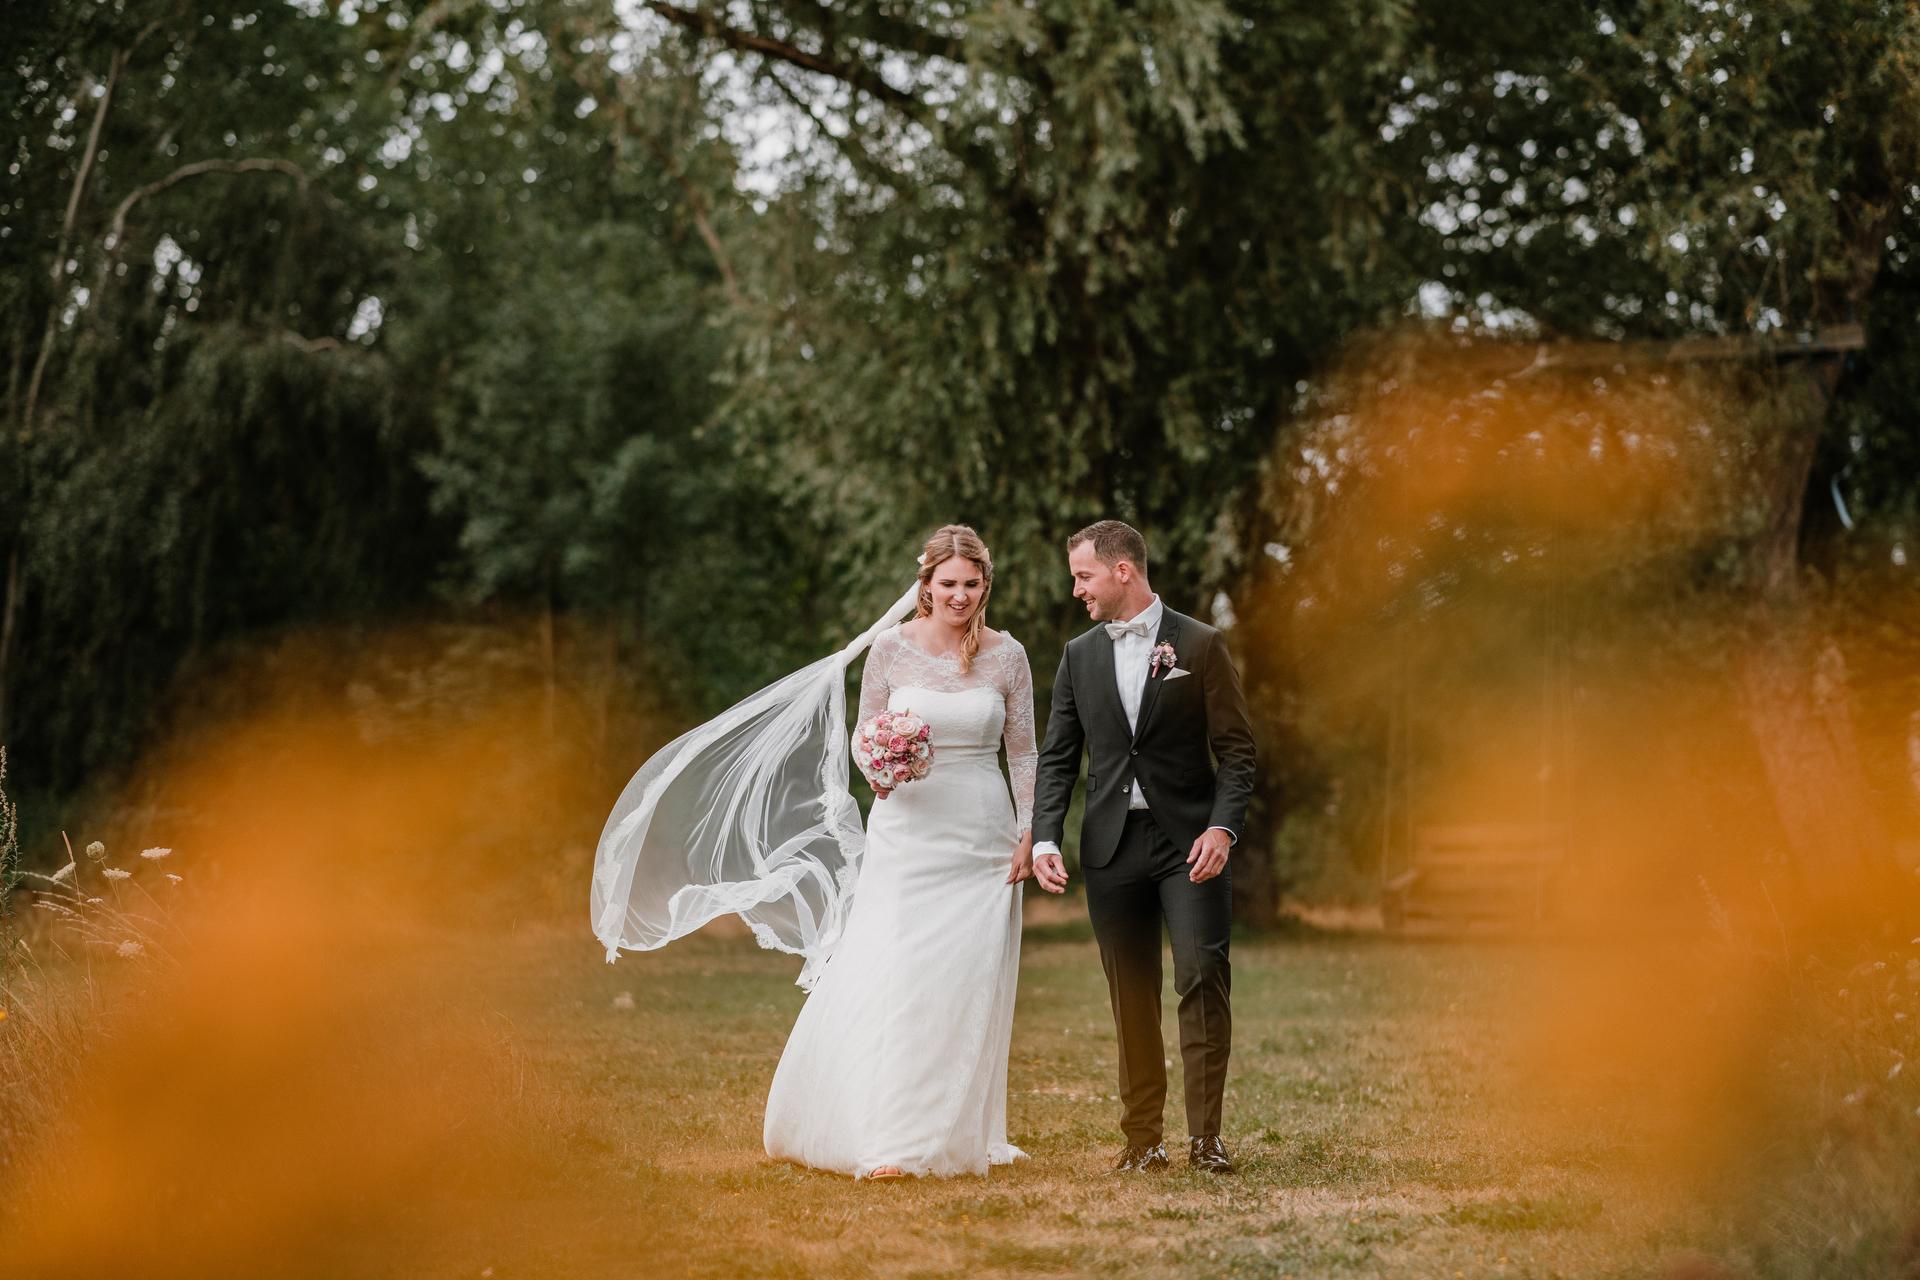 2019-08-10-Hochzeit-Tanja-Oliver-123